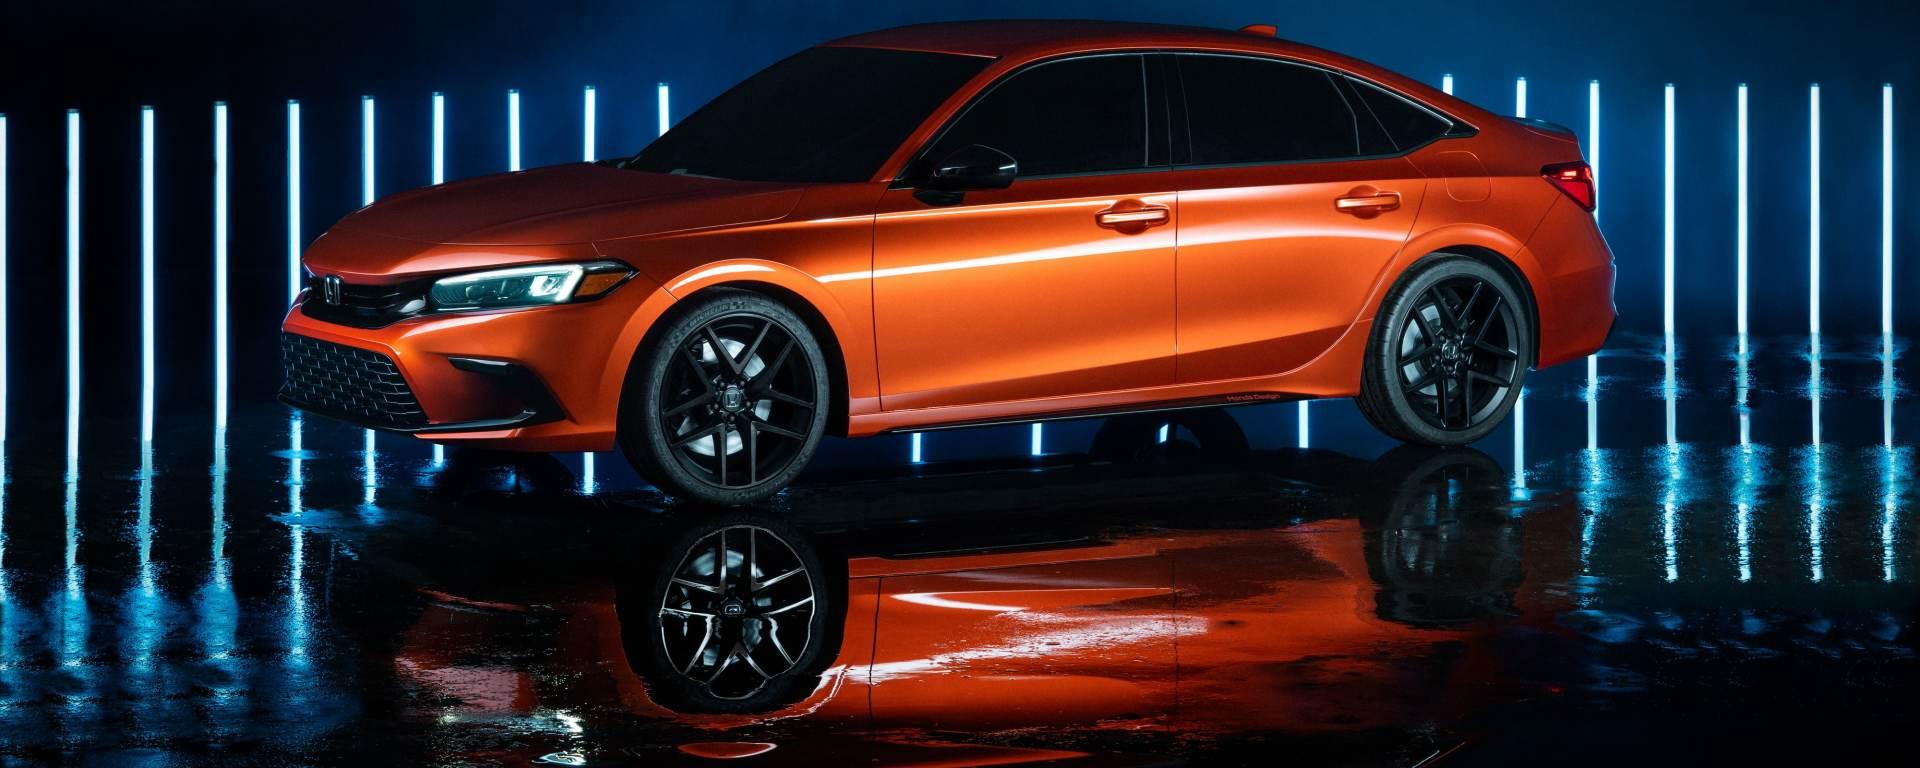 La nuova Honda Civic è stata svelata: le immagini